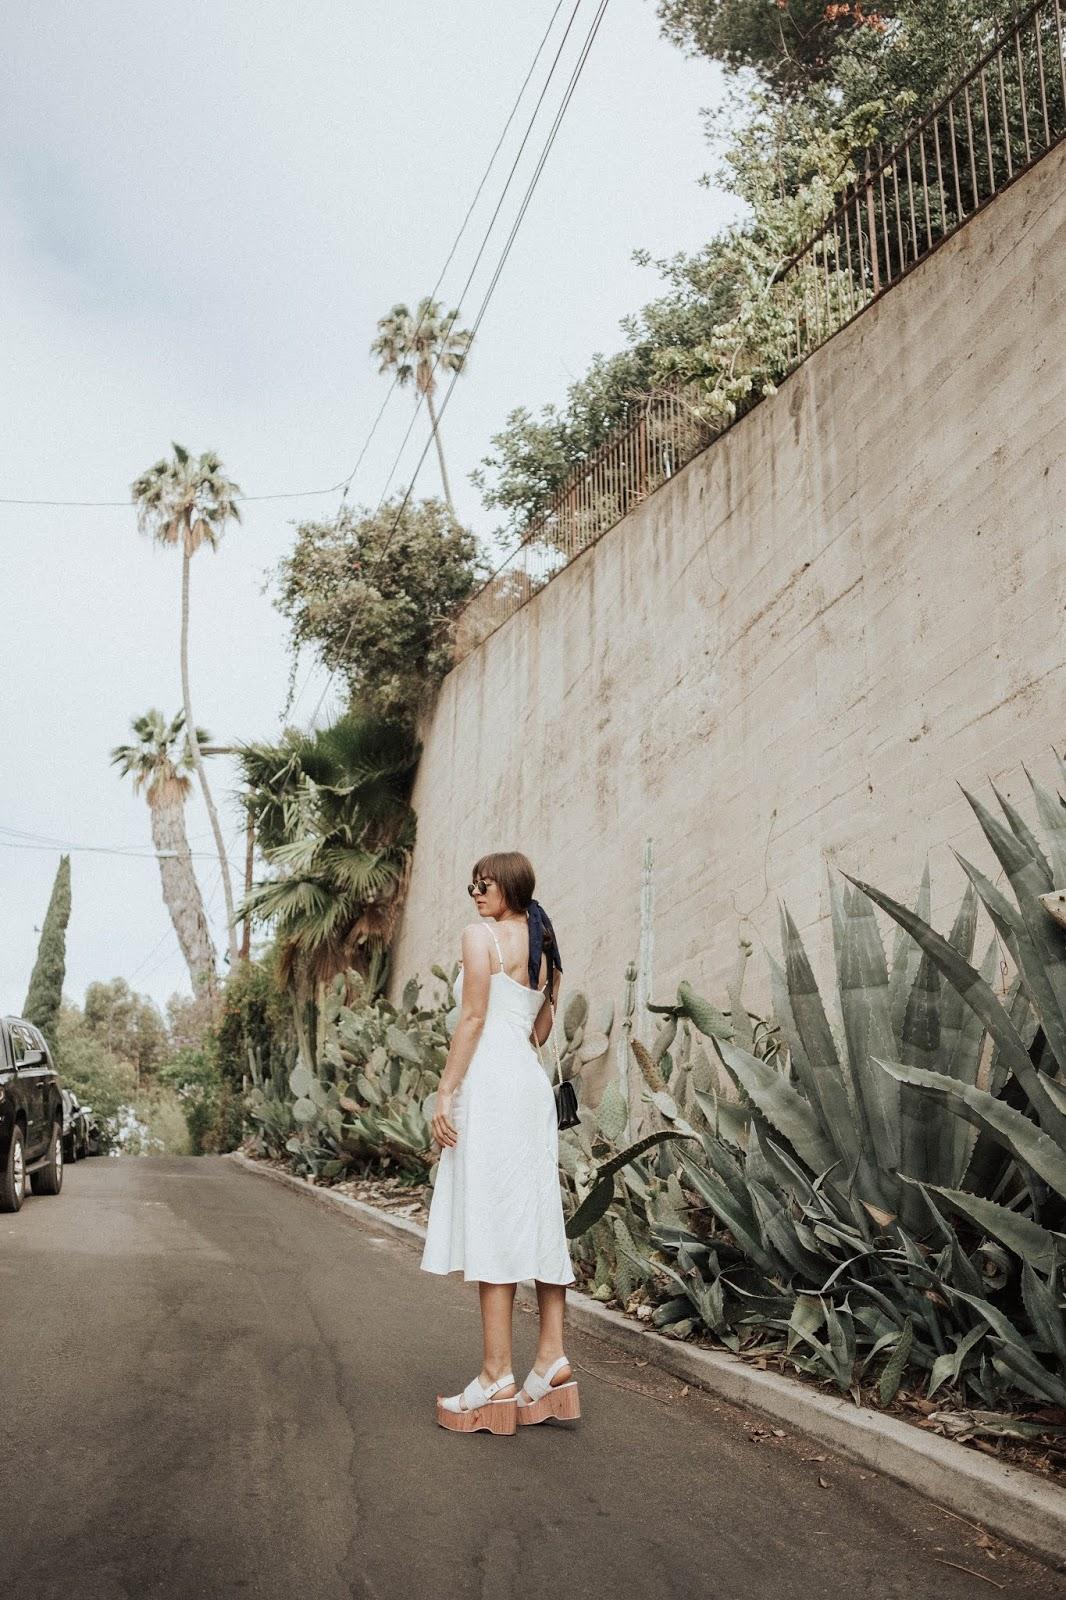 Summertime Staple- The White Cotton Dress